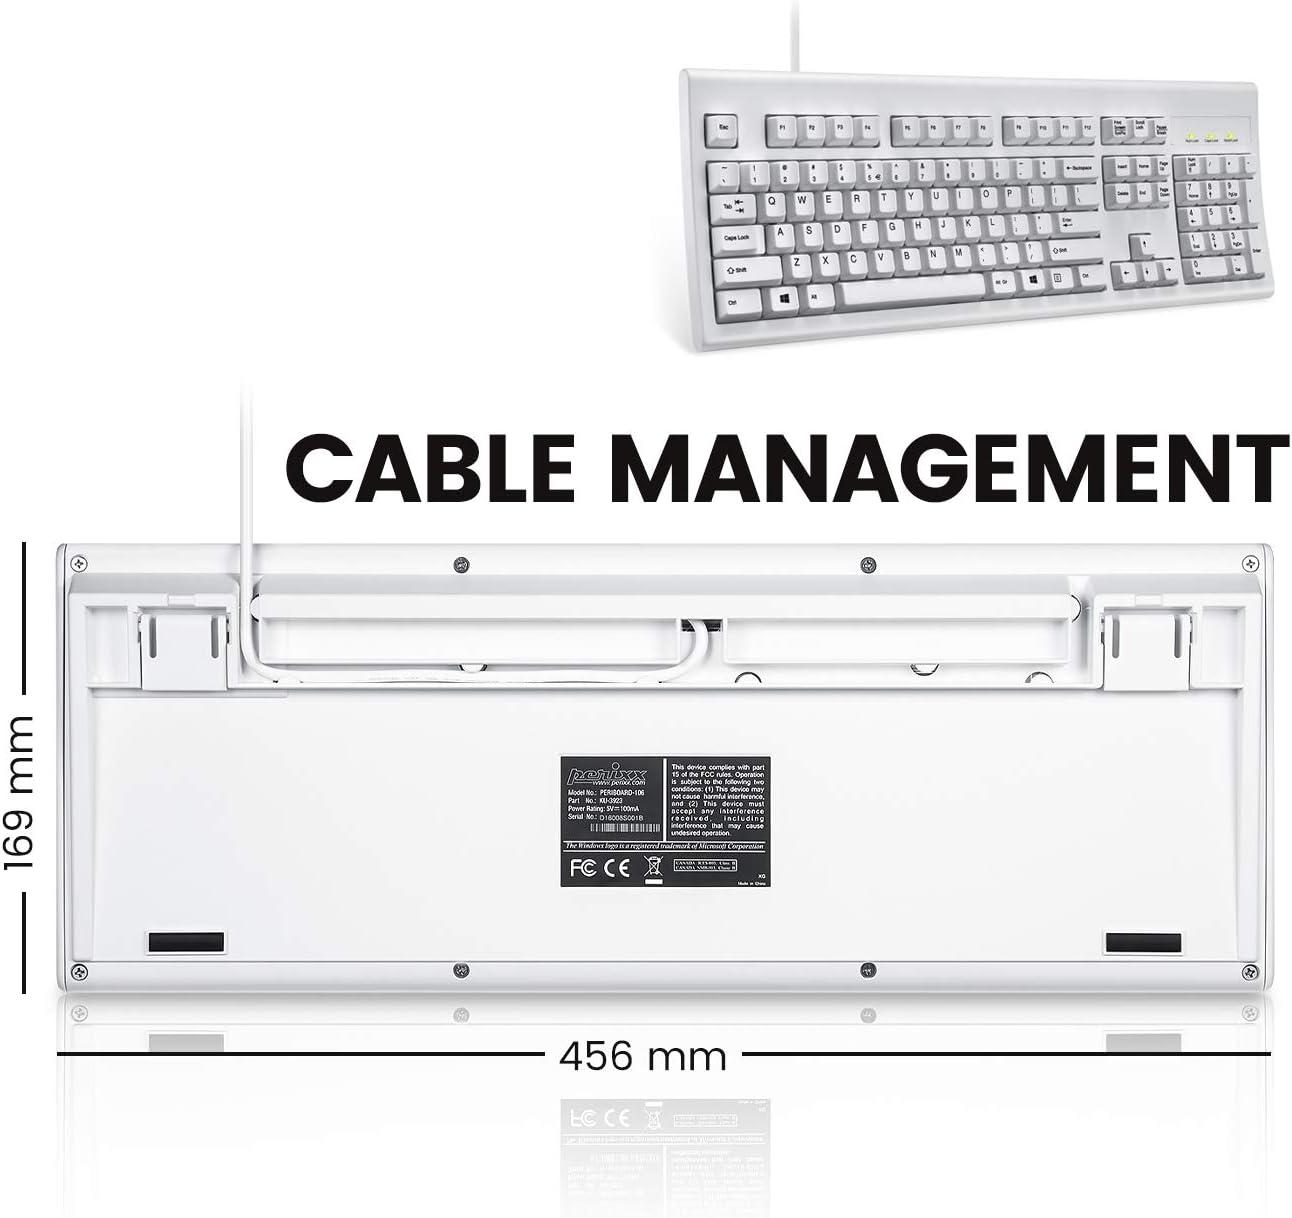 Perixx PERIBOARD-106 Teclado USB Inglés (US QWERTY) - Alto Rendimiento - Teclas más altas - Tamaño Completo con Teclado Numérico - Blanco